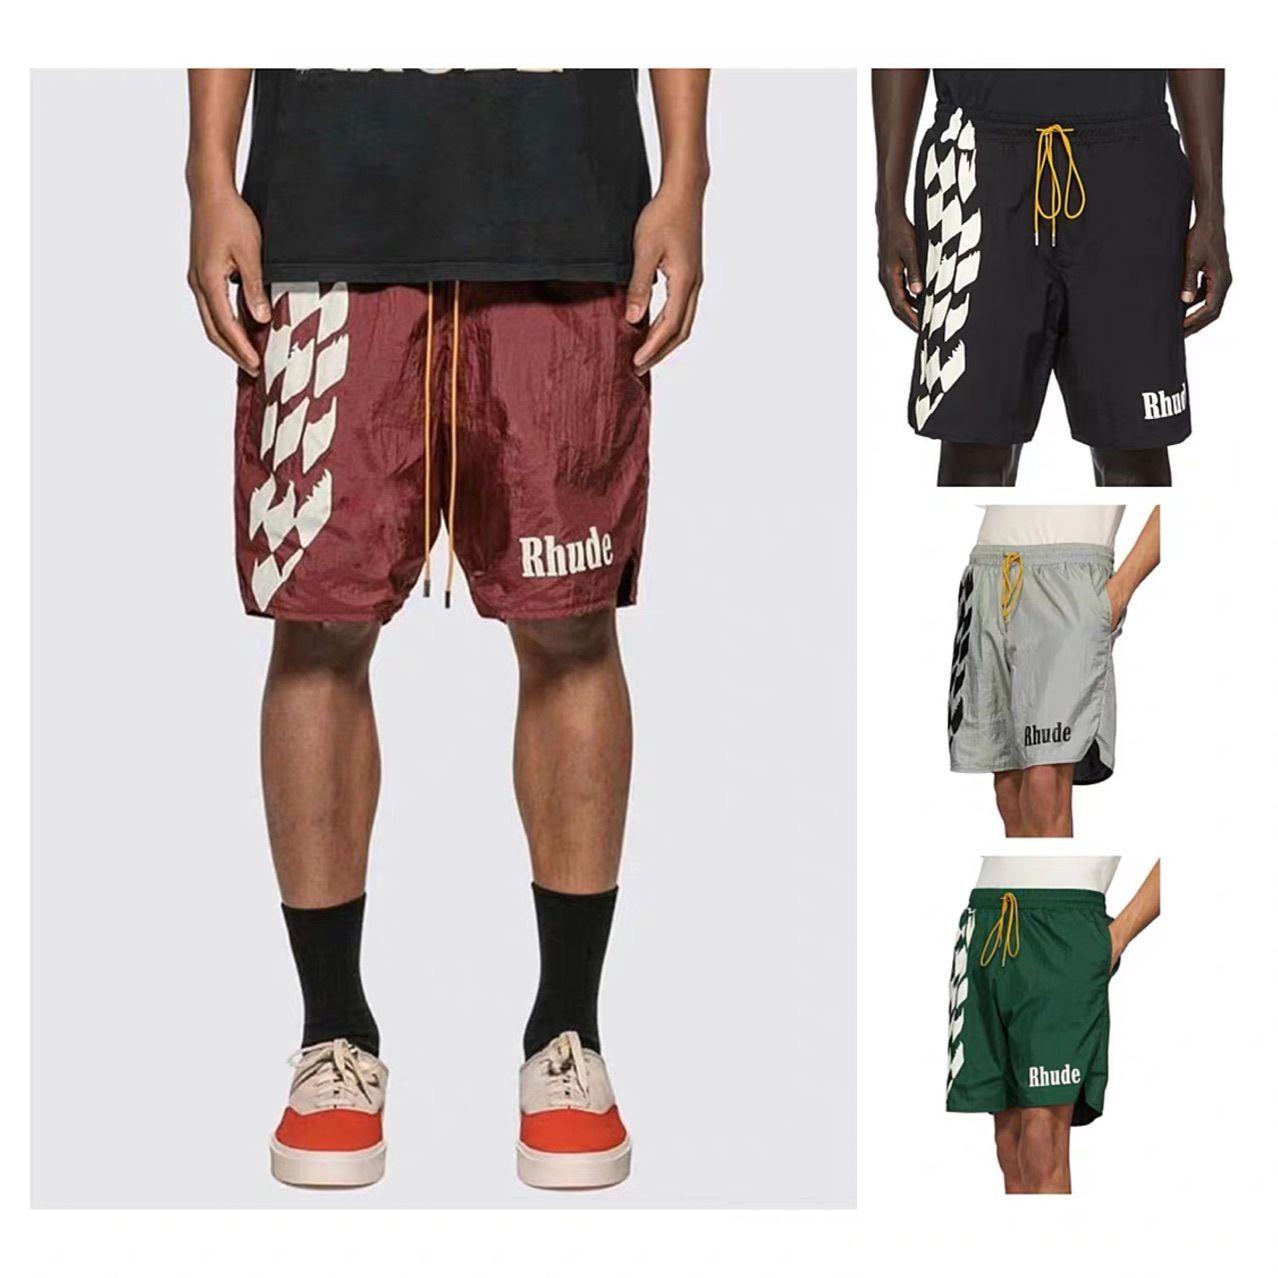 RHUDE 20ss Bahar ve Yaz Yeni Erkek Tasarımcı Şort Pantolon Dama tahtası High Street Tide Avrupa ve Amerikan Trend Çift Spor Şortlar